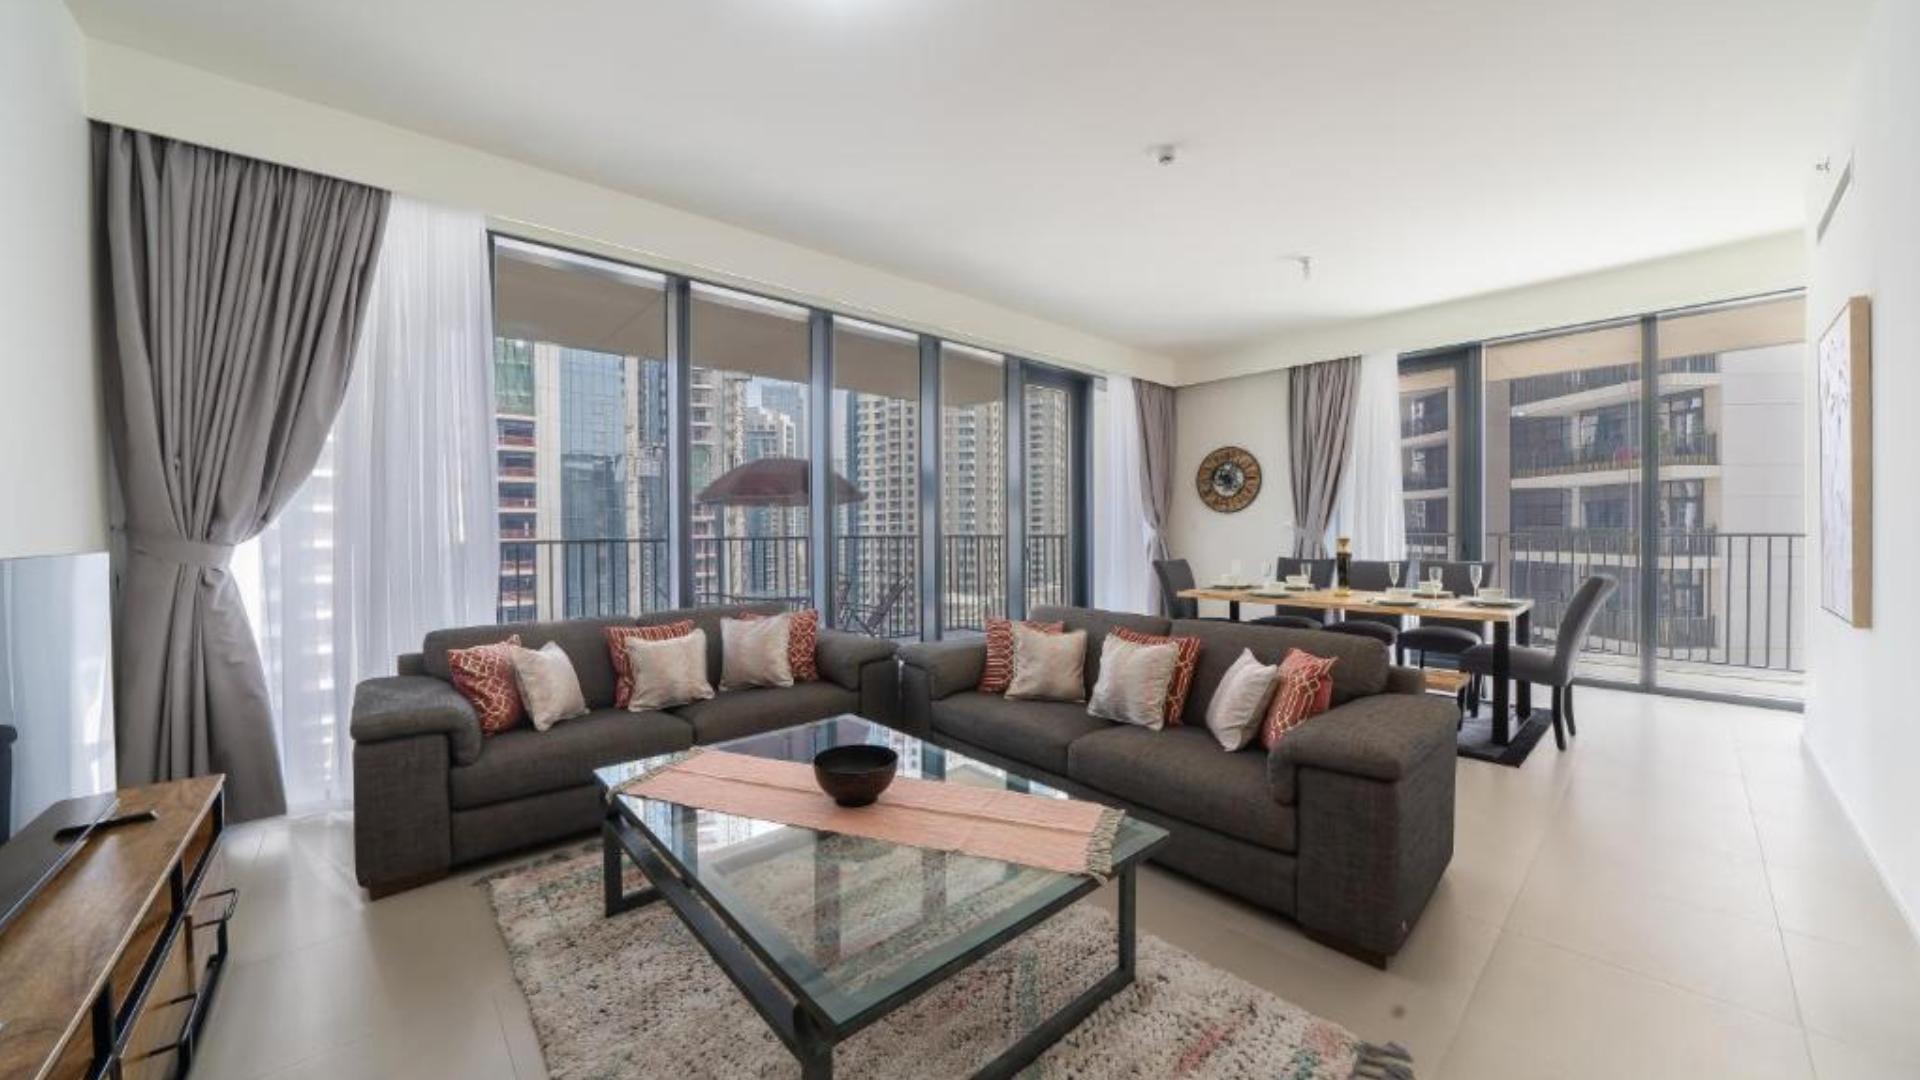 Apartamento en venta en Dubai, EAU, 4 dormitorios, 421 m2, № 24397 – foto 1